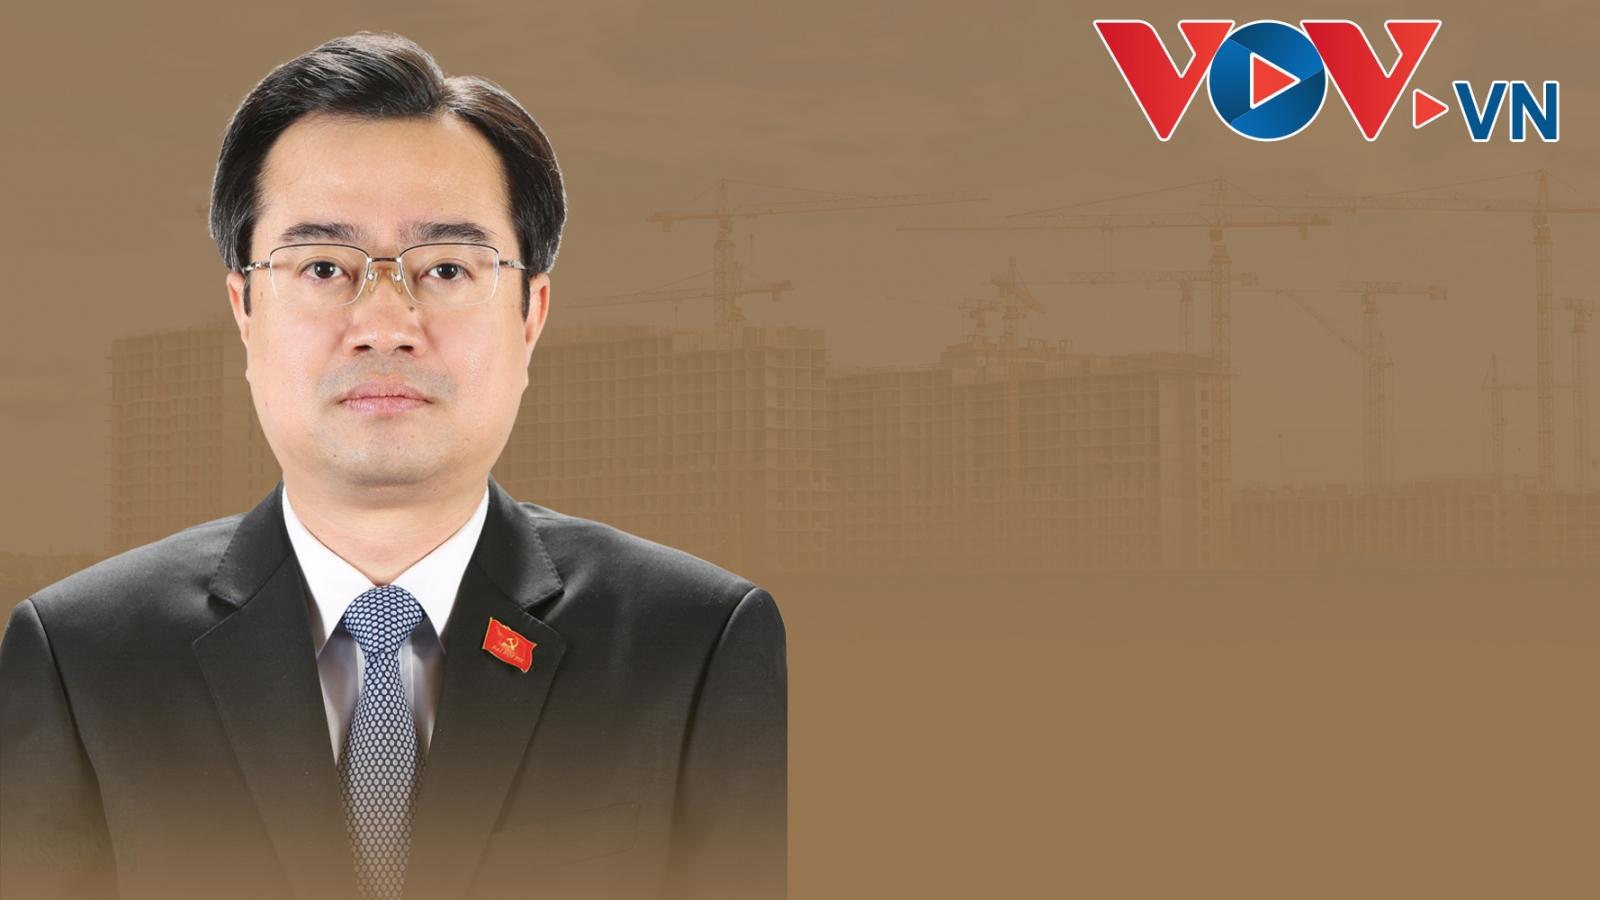 Chân dung ông Nguyễn Thanh Nghị, Thứ trưởng Bộ Xây dựng